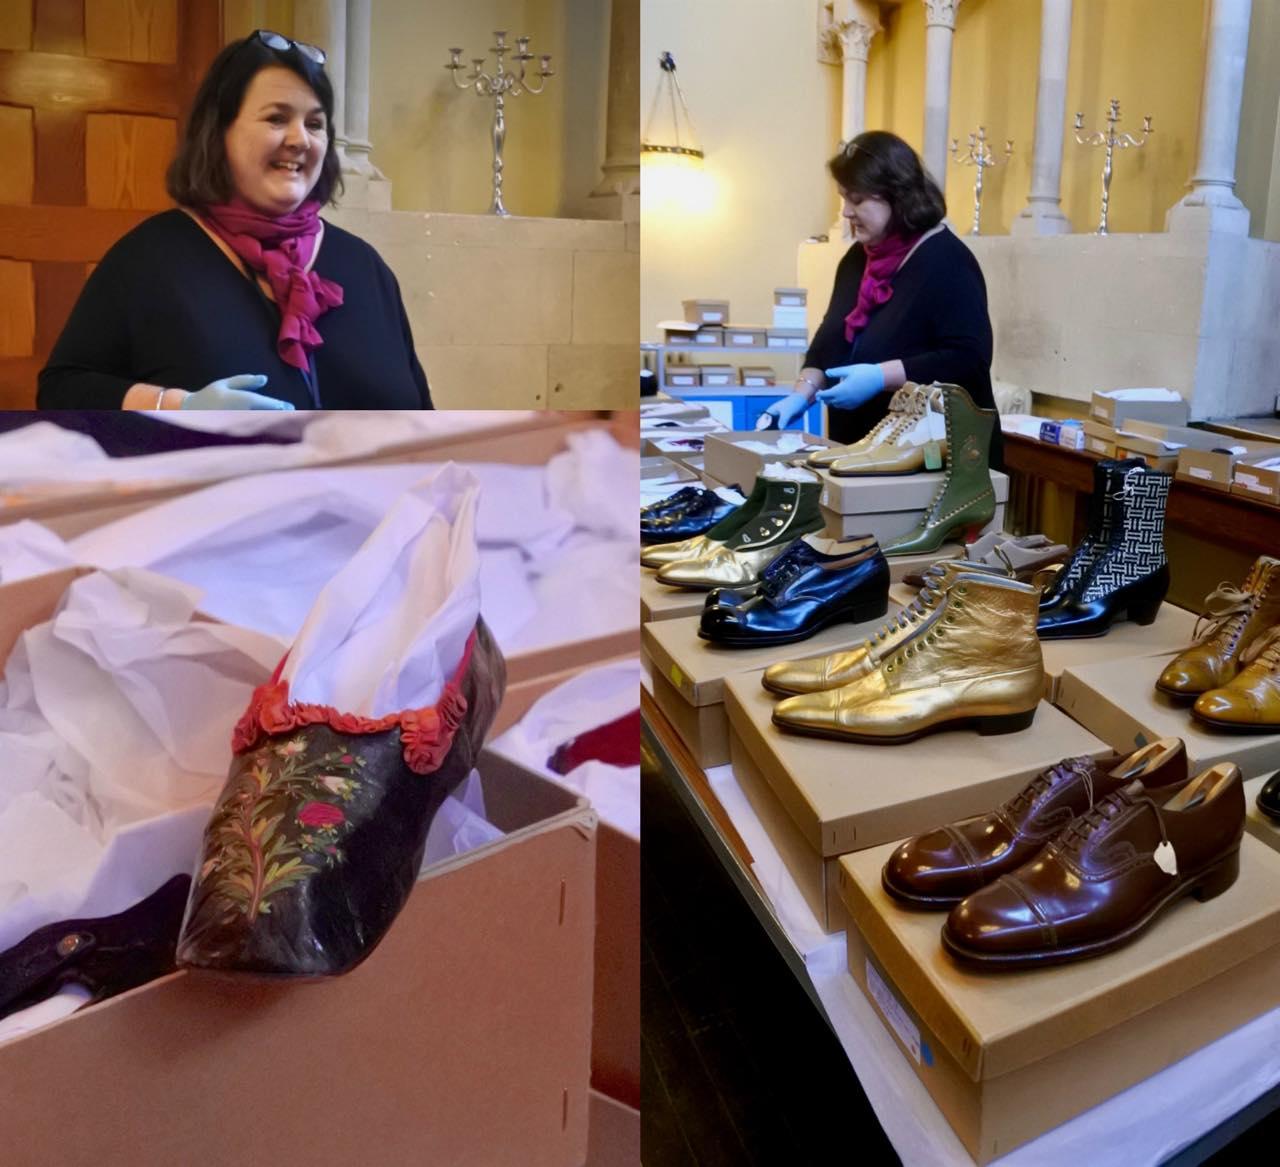 ミュージアムに収蔵されているこれだけの靴を、このツアーのために用意してくださったキュレーターさんに感謝!